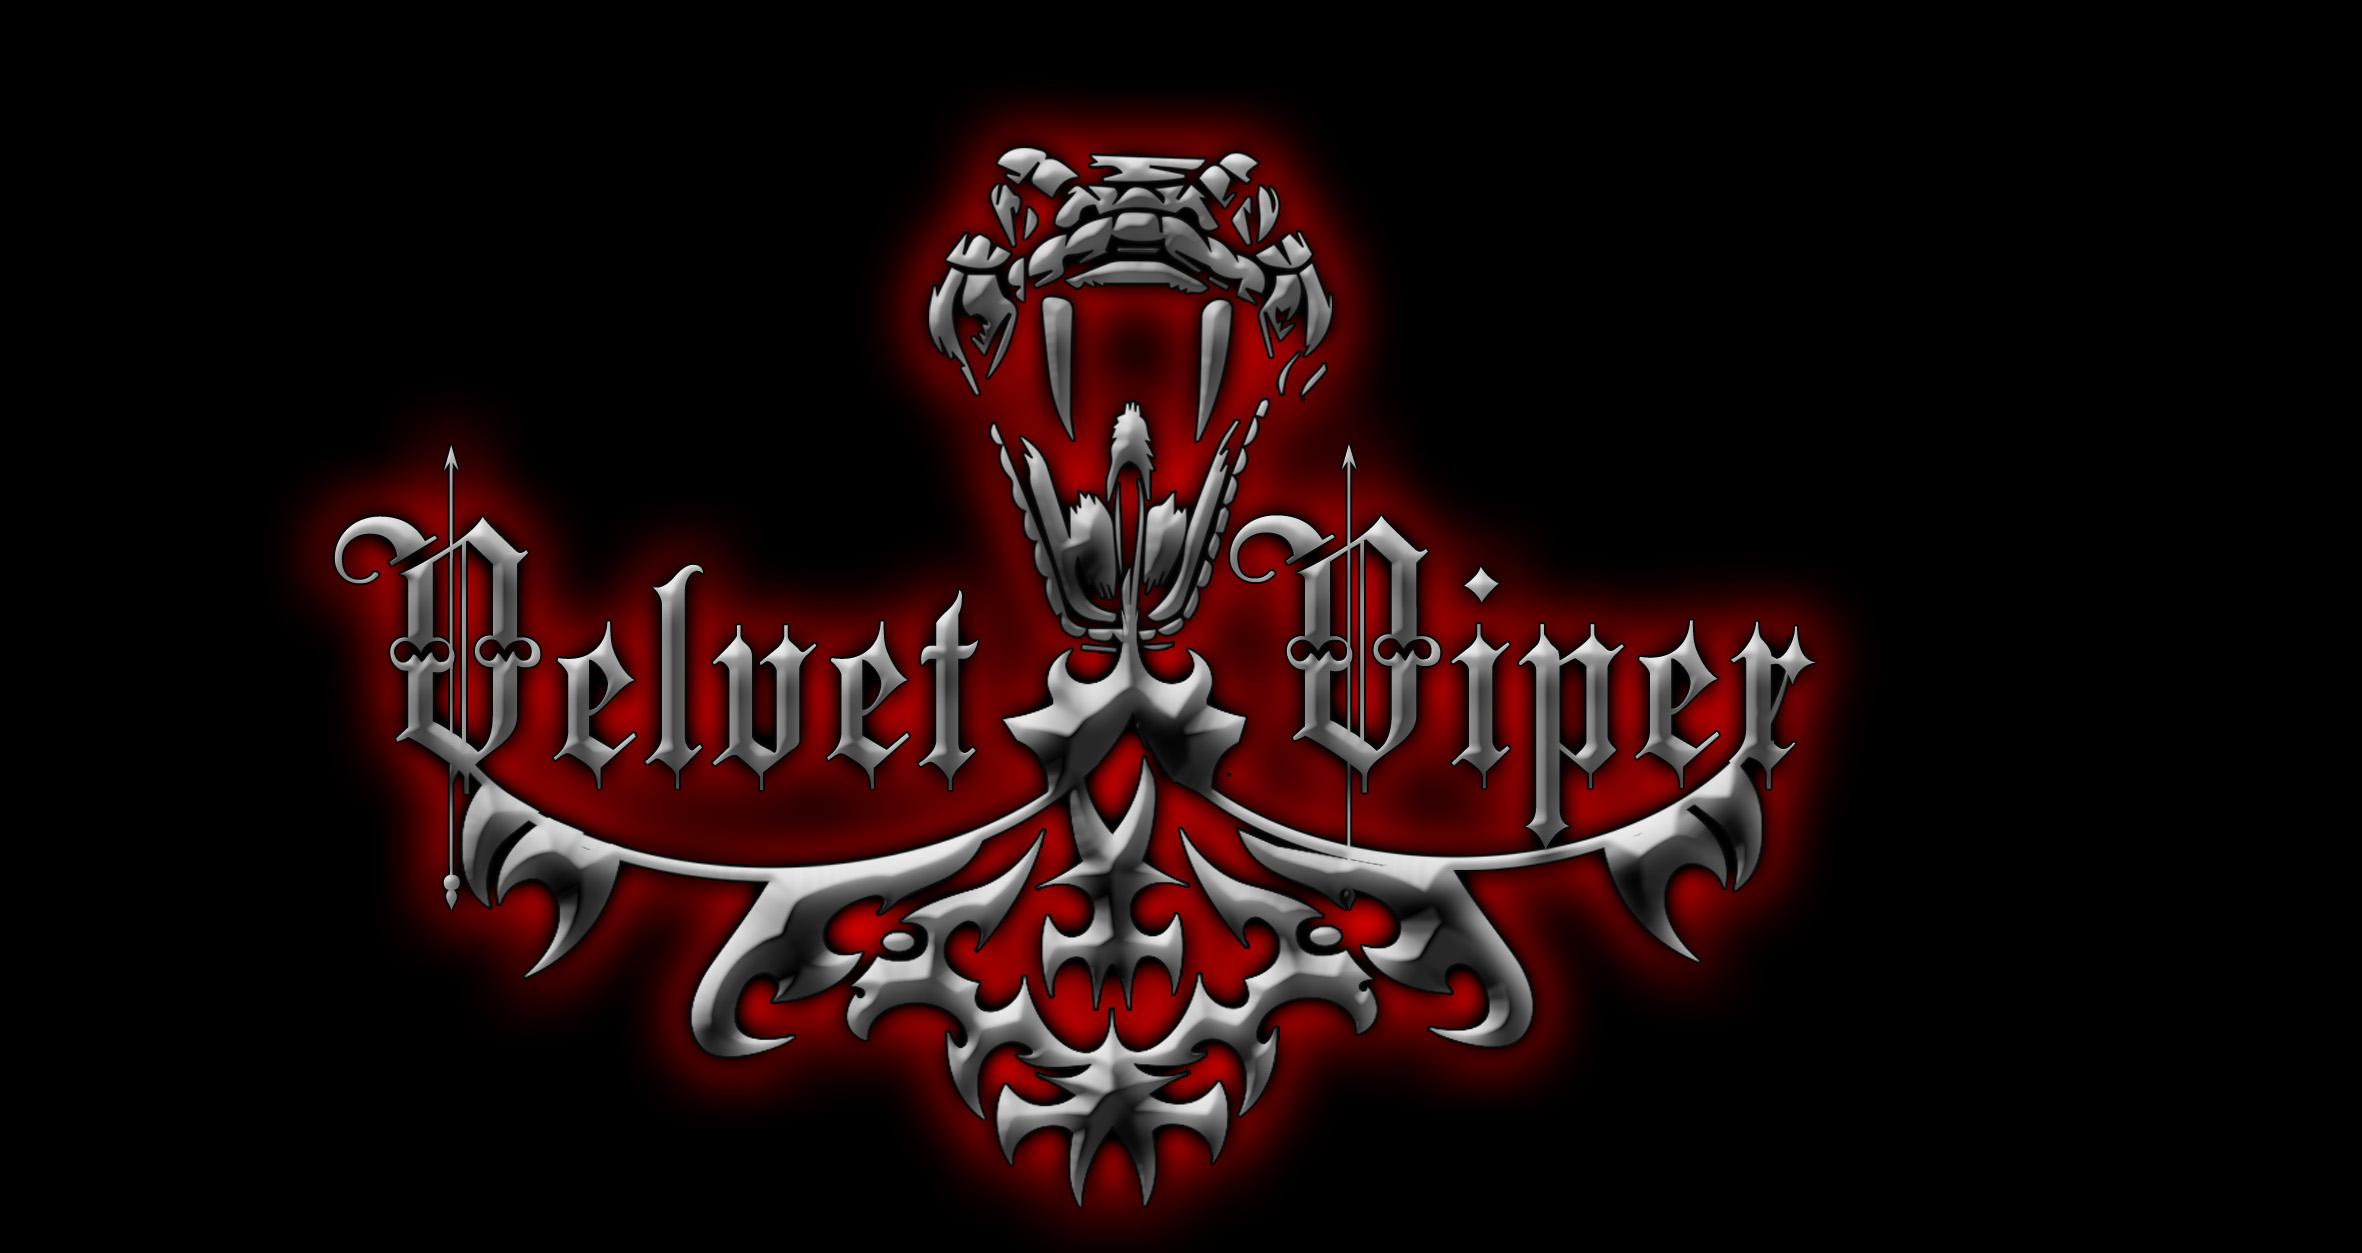 Preview: VELVET VIPER